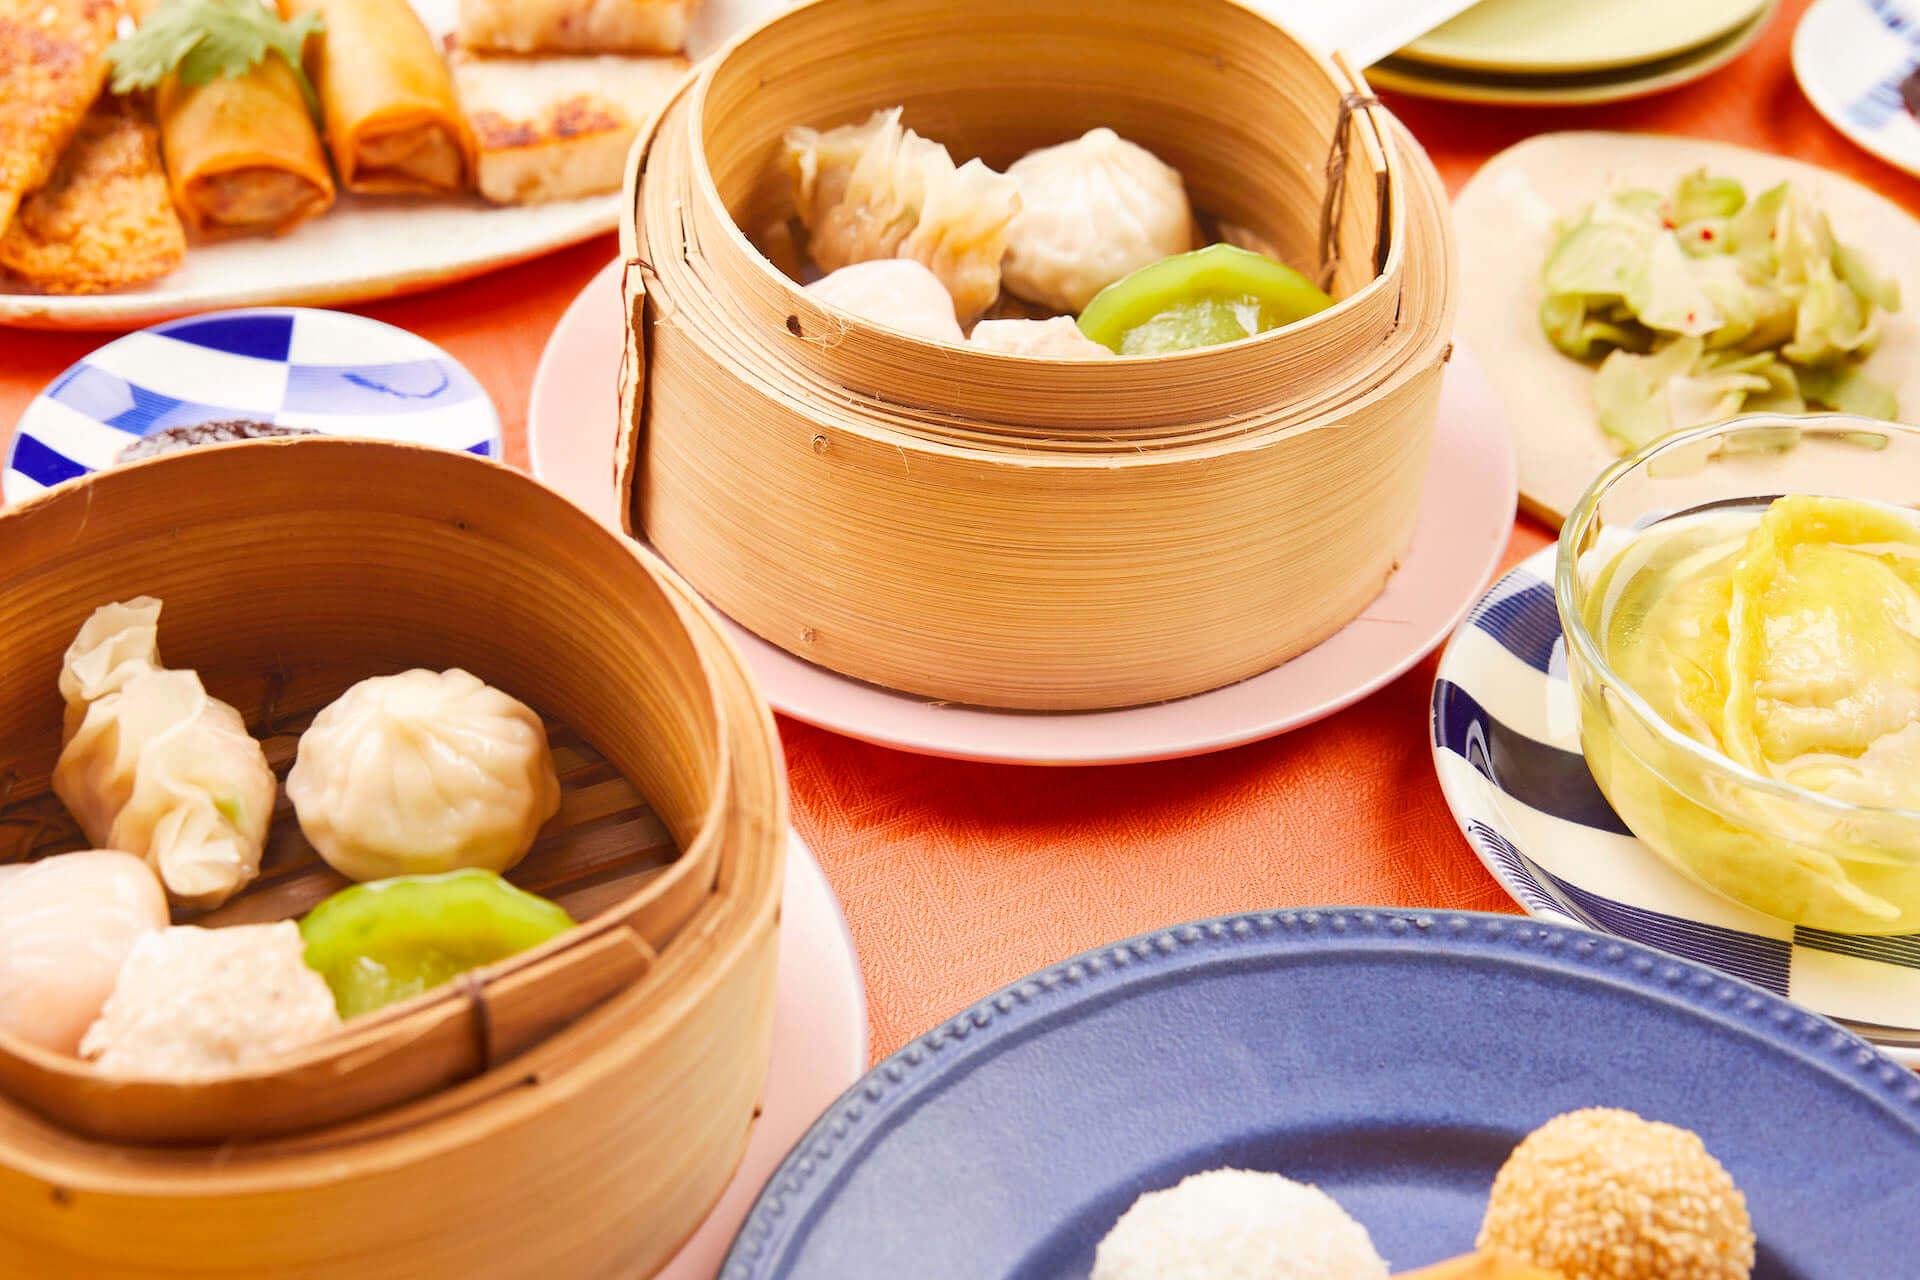 招福門の『香港飲茶食べ放題』をおうちでも!しゅうまい、まんじゅうを追加で選べるギフトセットがオンラインで発売 gourmet200925_shofukumon_6-1920x1280